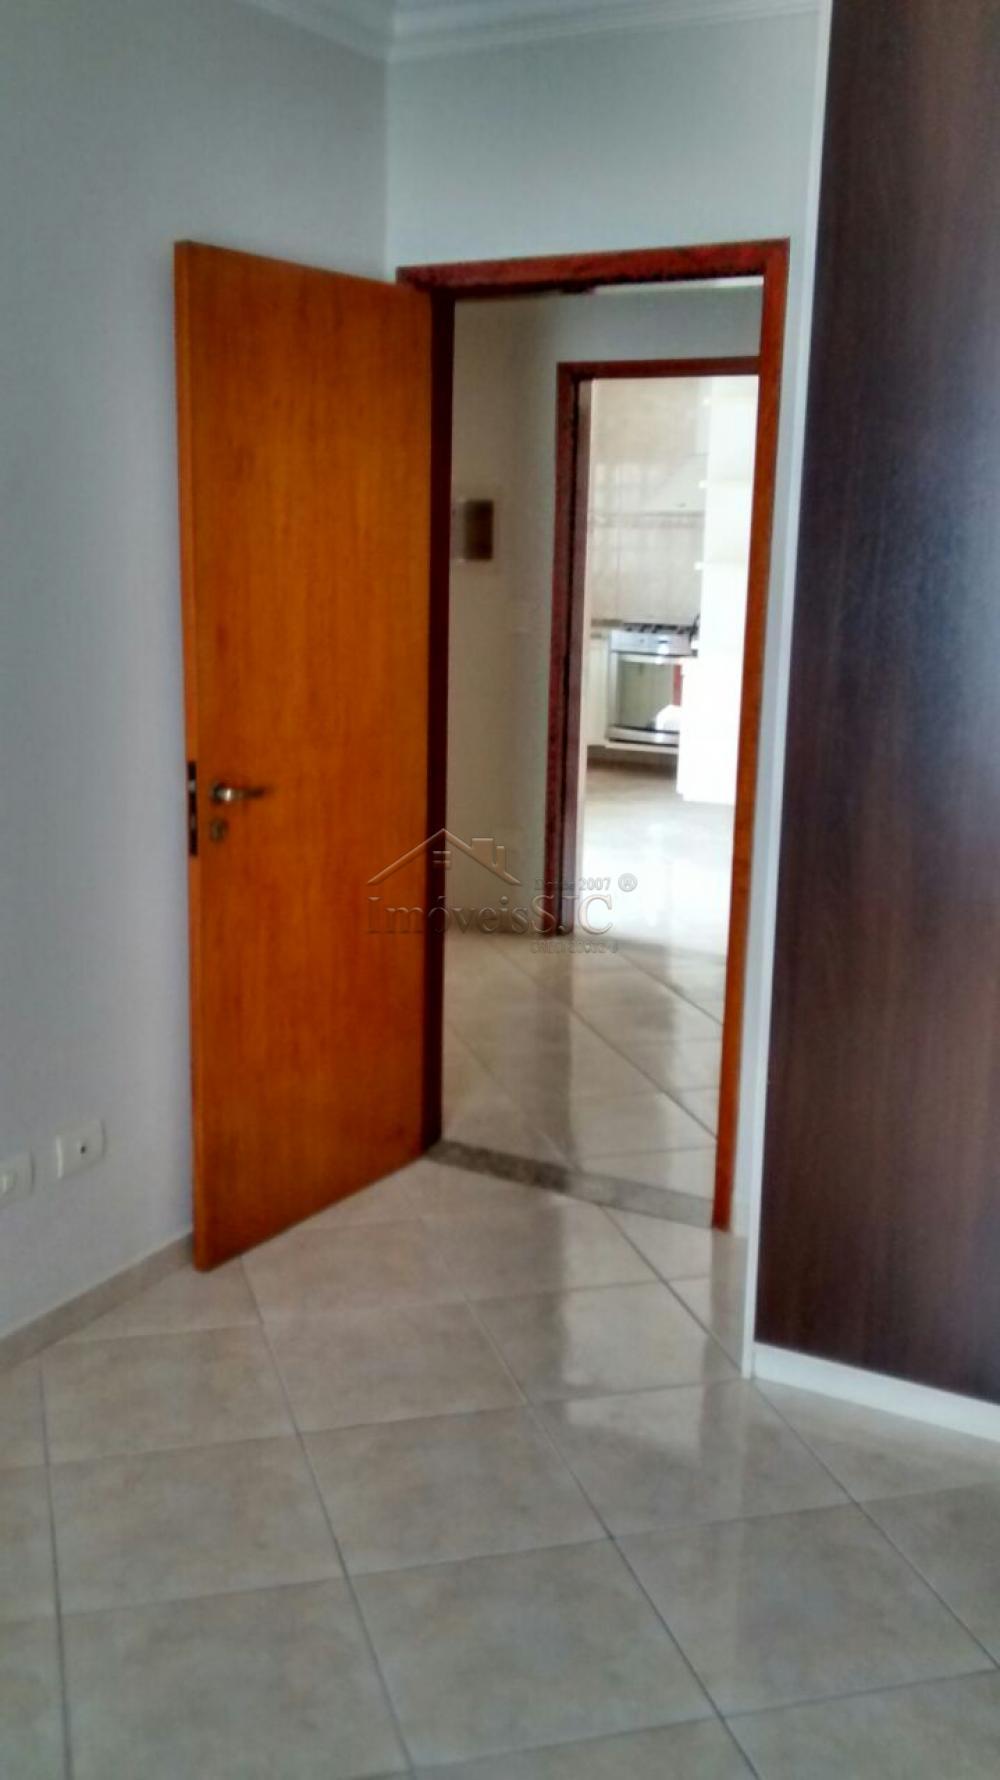 Comprar Casas / Padrão em São José dos Campos apenas R$ 580.000,00 - Foto 8